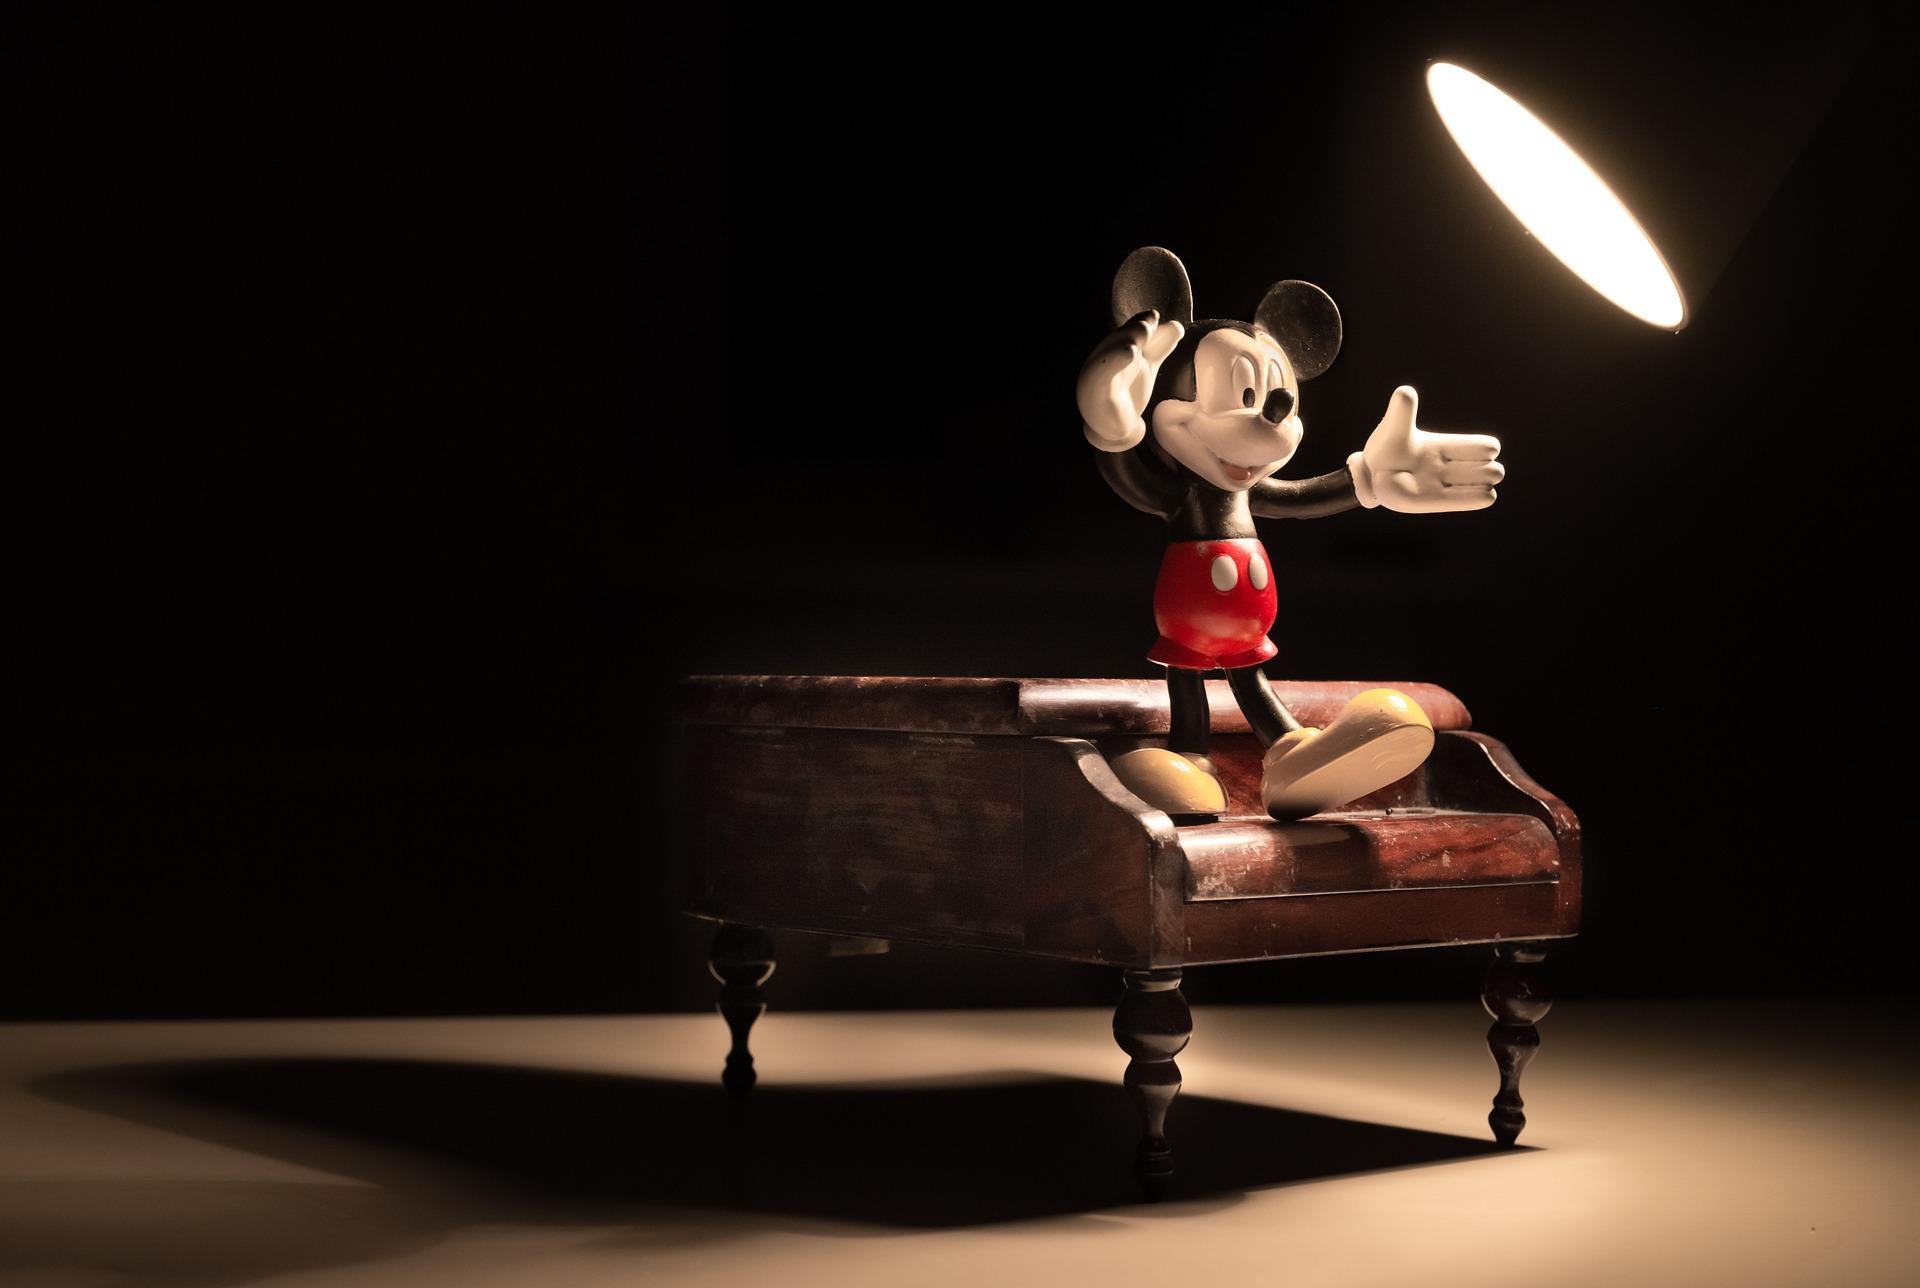 L'application Disney+ - Caractéristiques et Comment la Télécharger